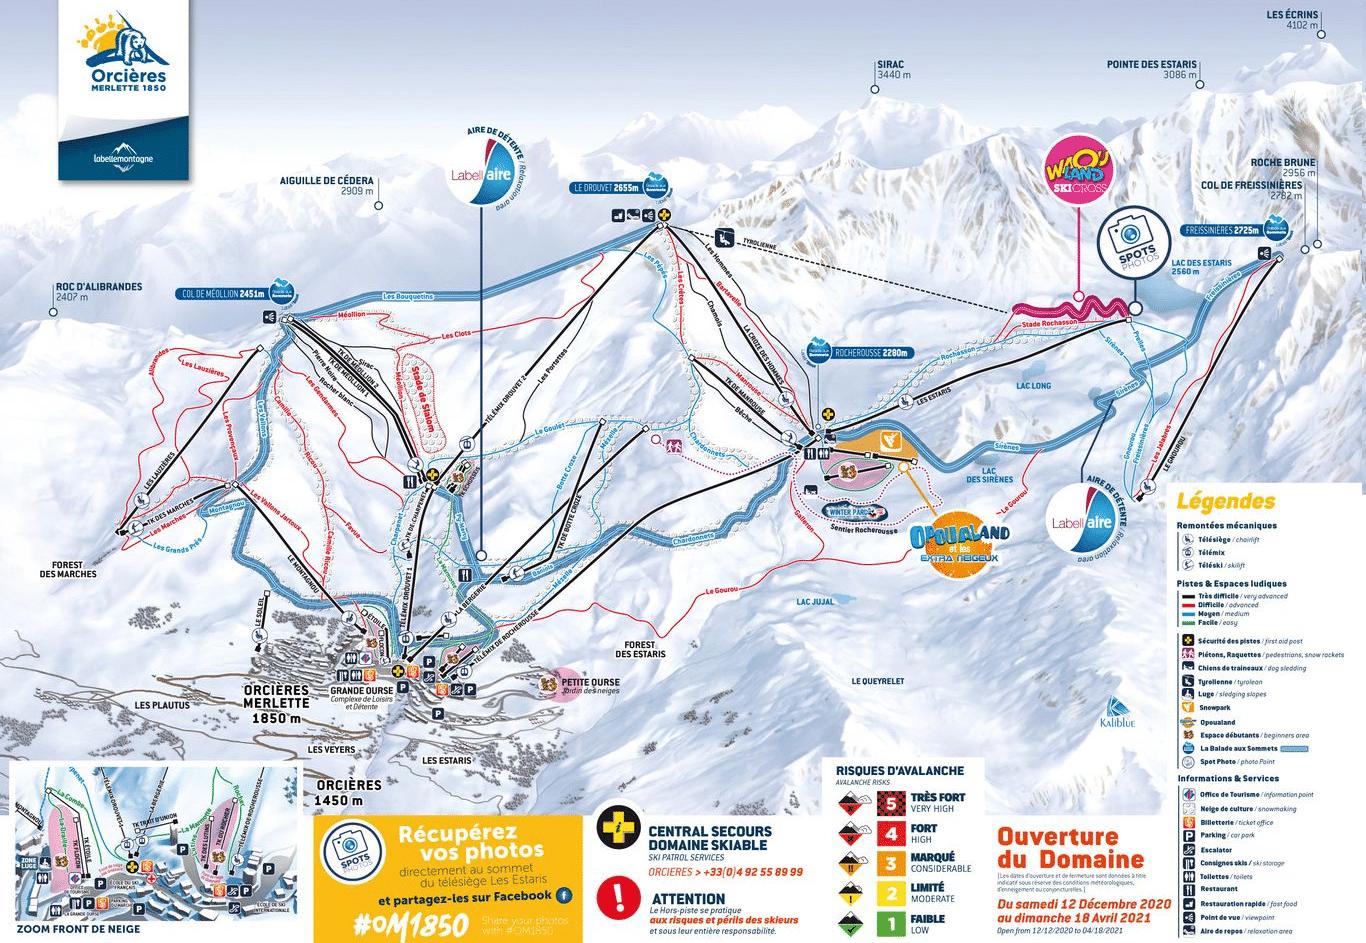 orcières merlette - plan des pistes de ski